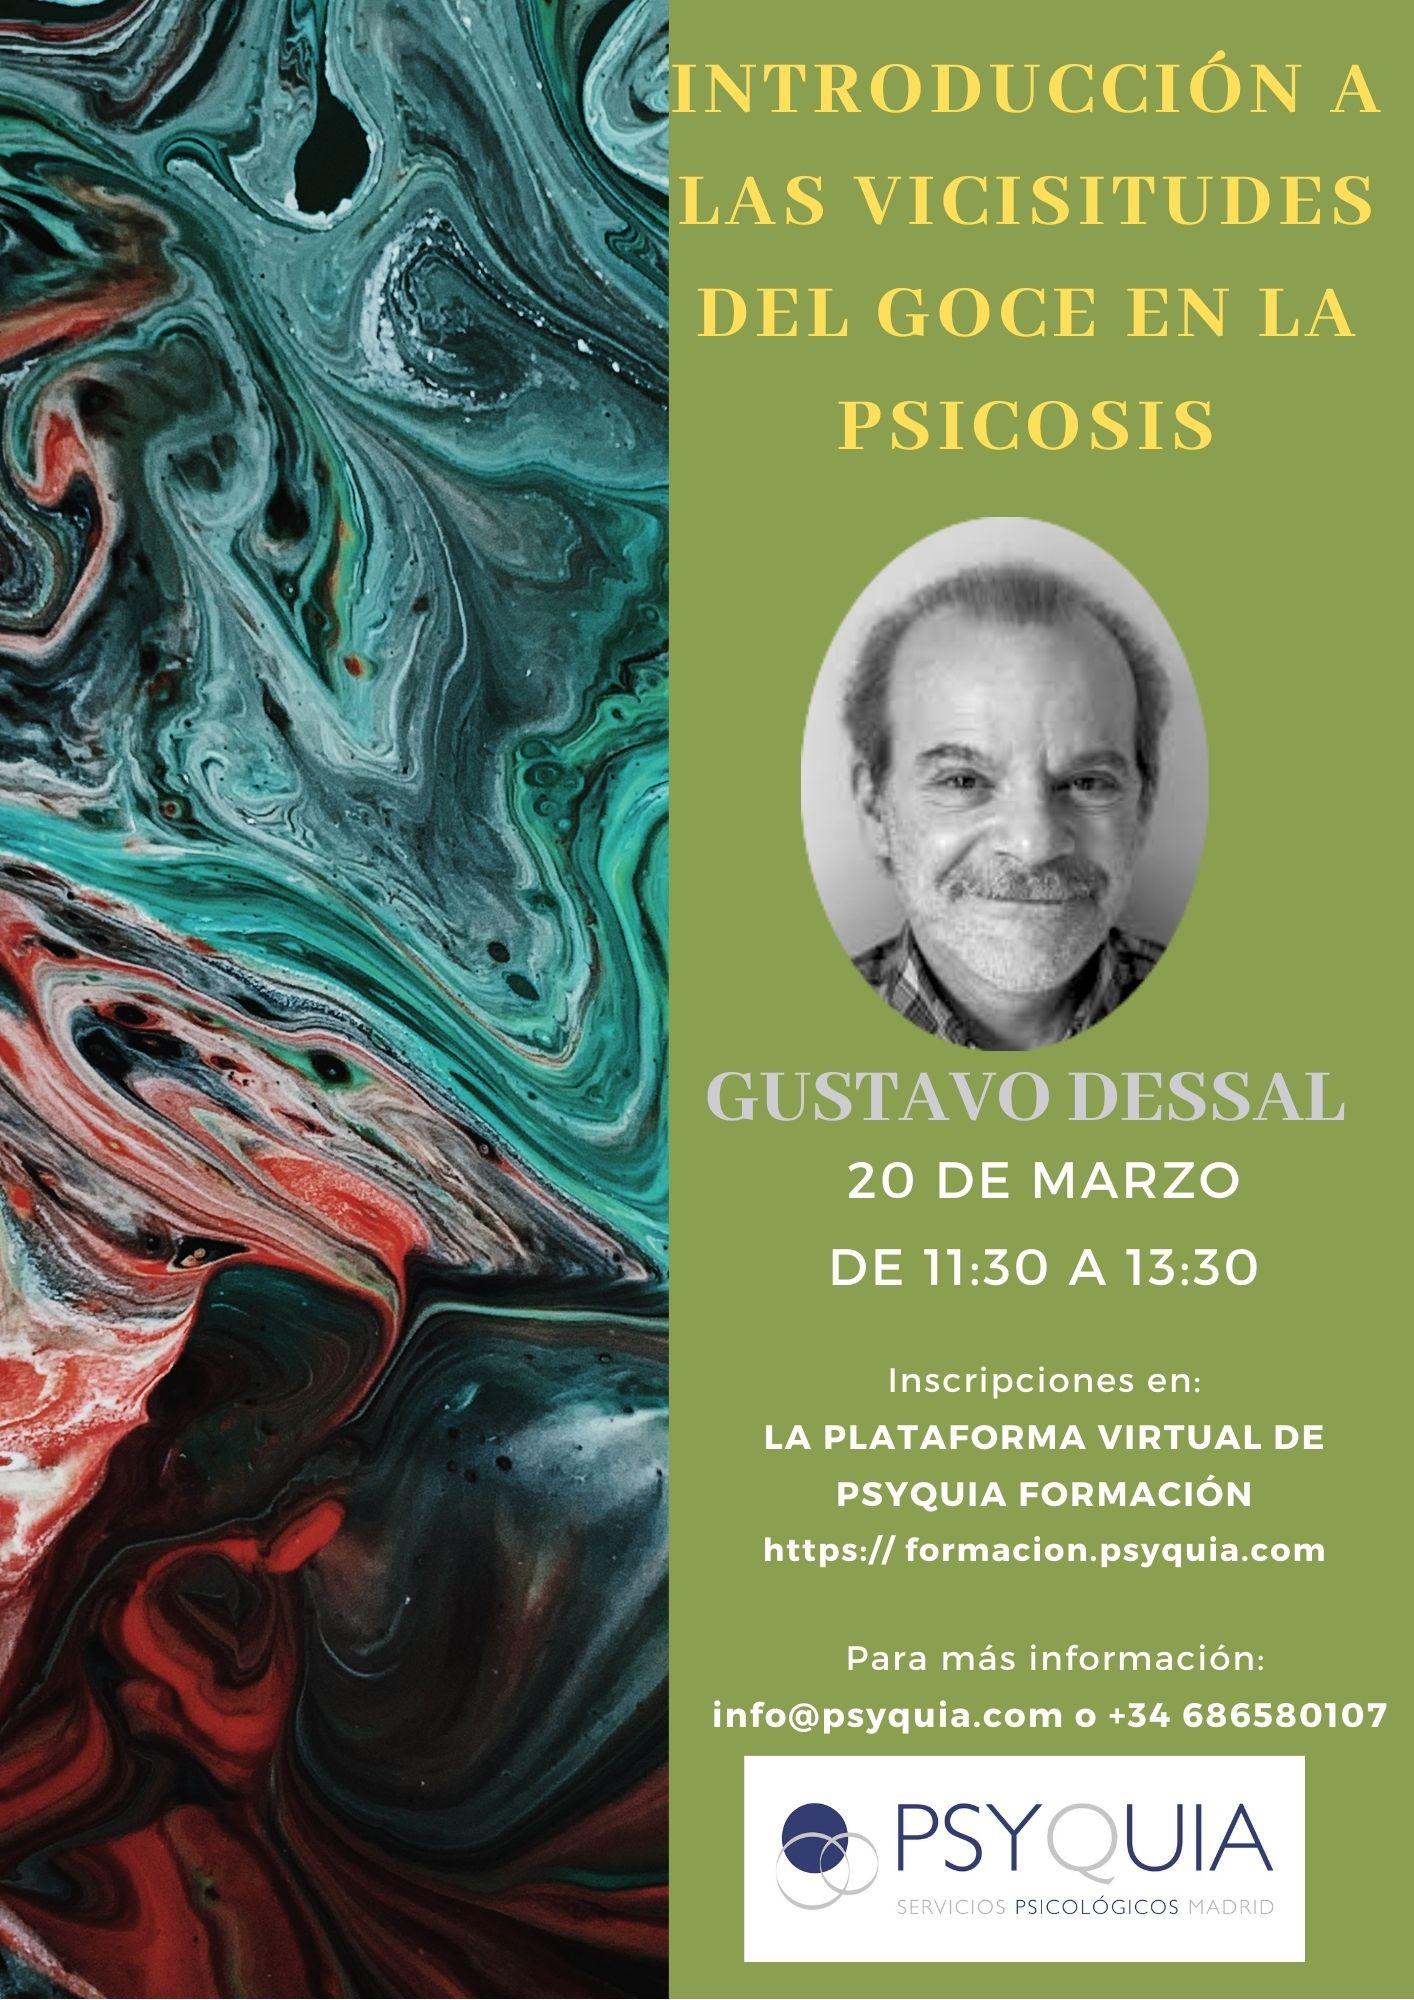 Lección 6. Introducción a las vicisitudes del goce en la psicosis.II CICLO «DEL DESEO AL GOCE»- Gustavo Dessal